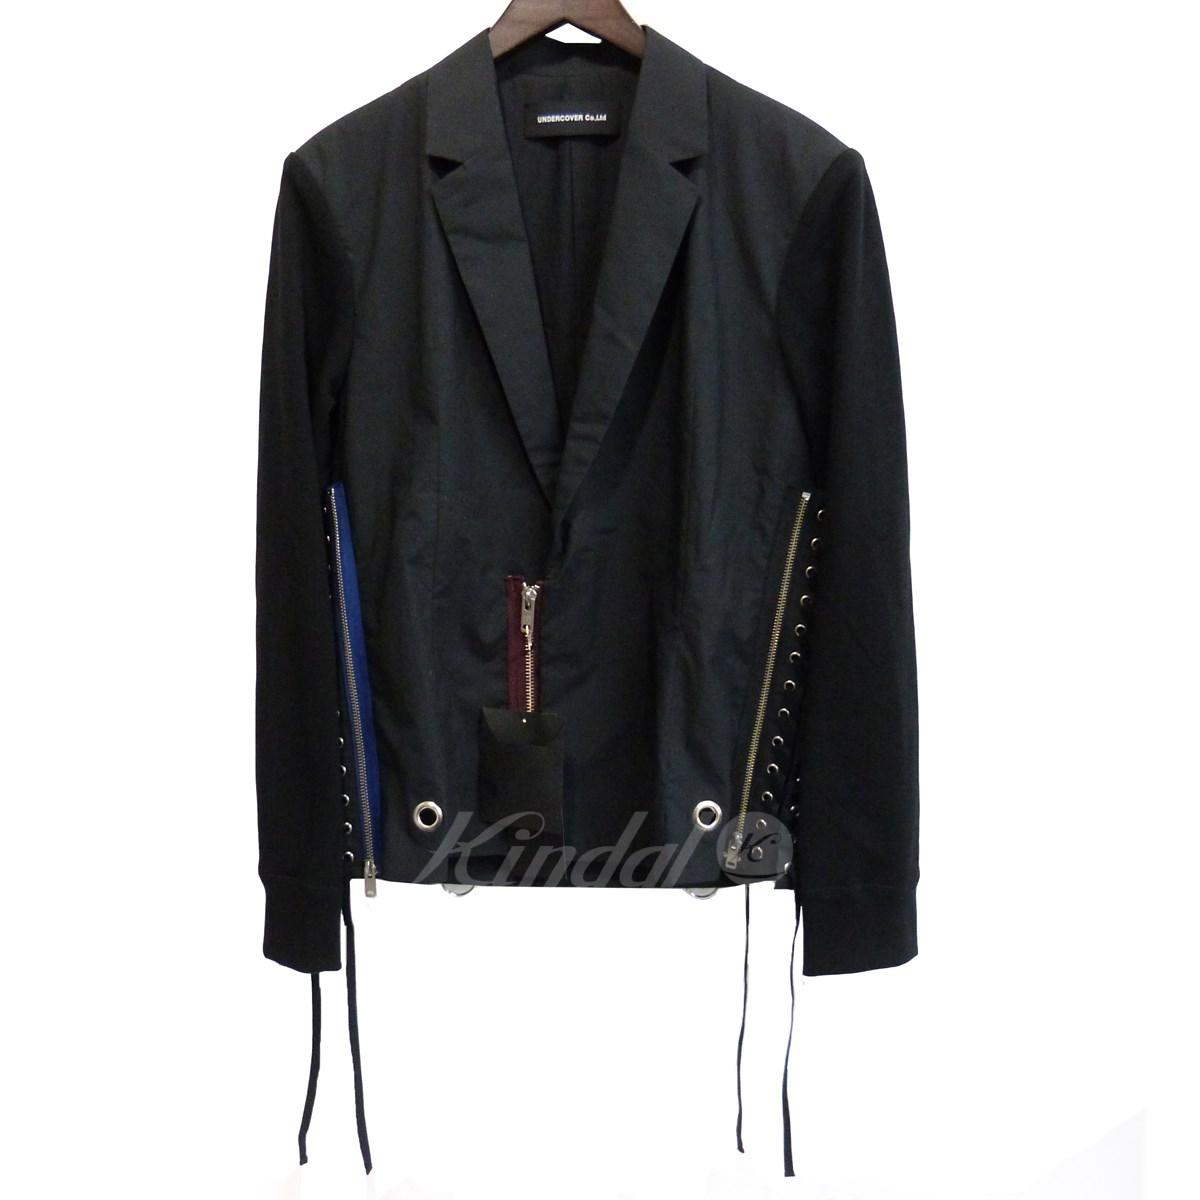 【10月31日 お値段見直しました】【中古】UNDERCOVER19SS ベストジャケット ブラック サイズ:2